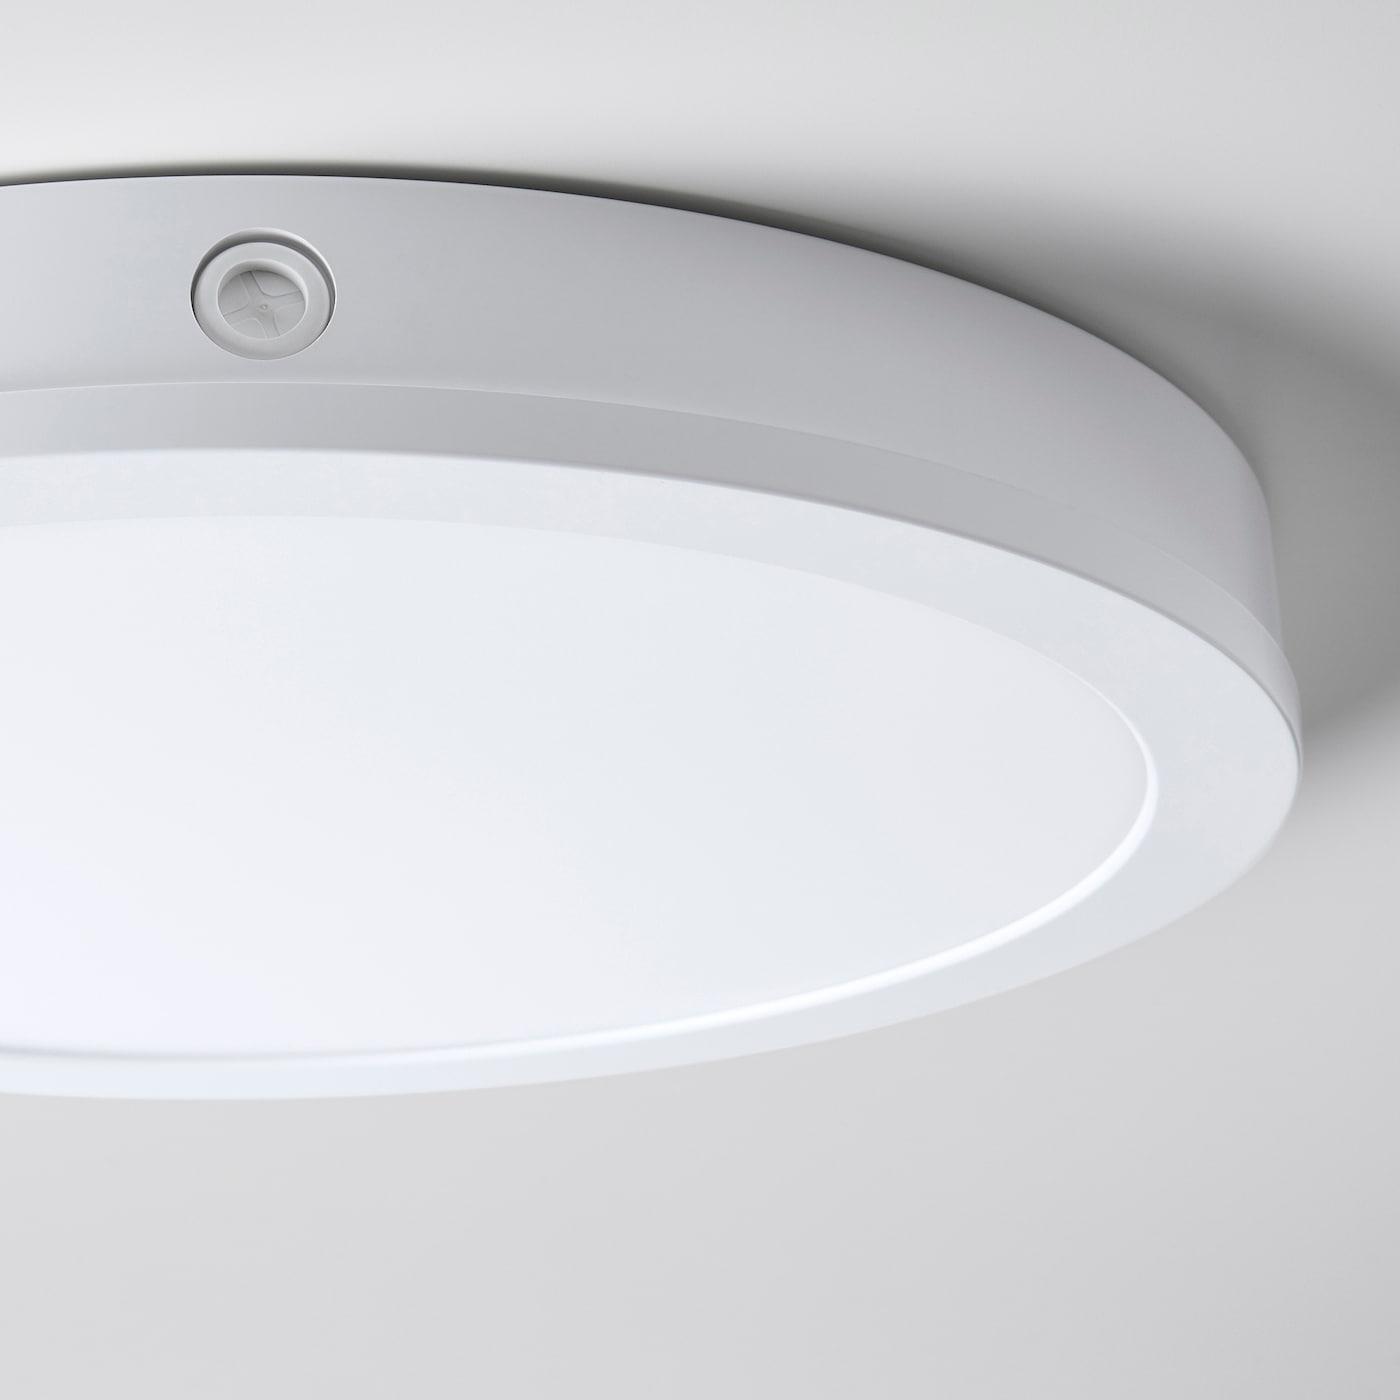 GUNNARP Decken Wandleuchte, LED weiß dimmbarWeißspektrum 40 cm